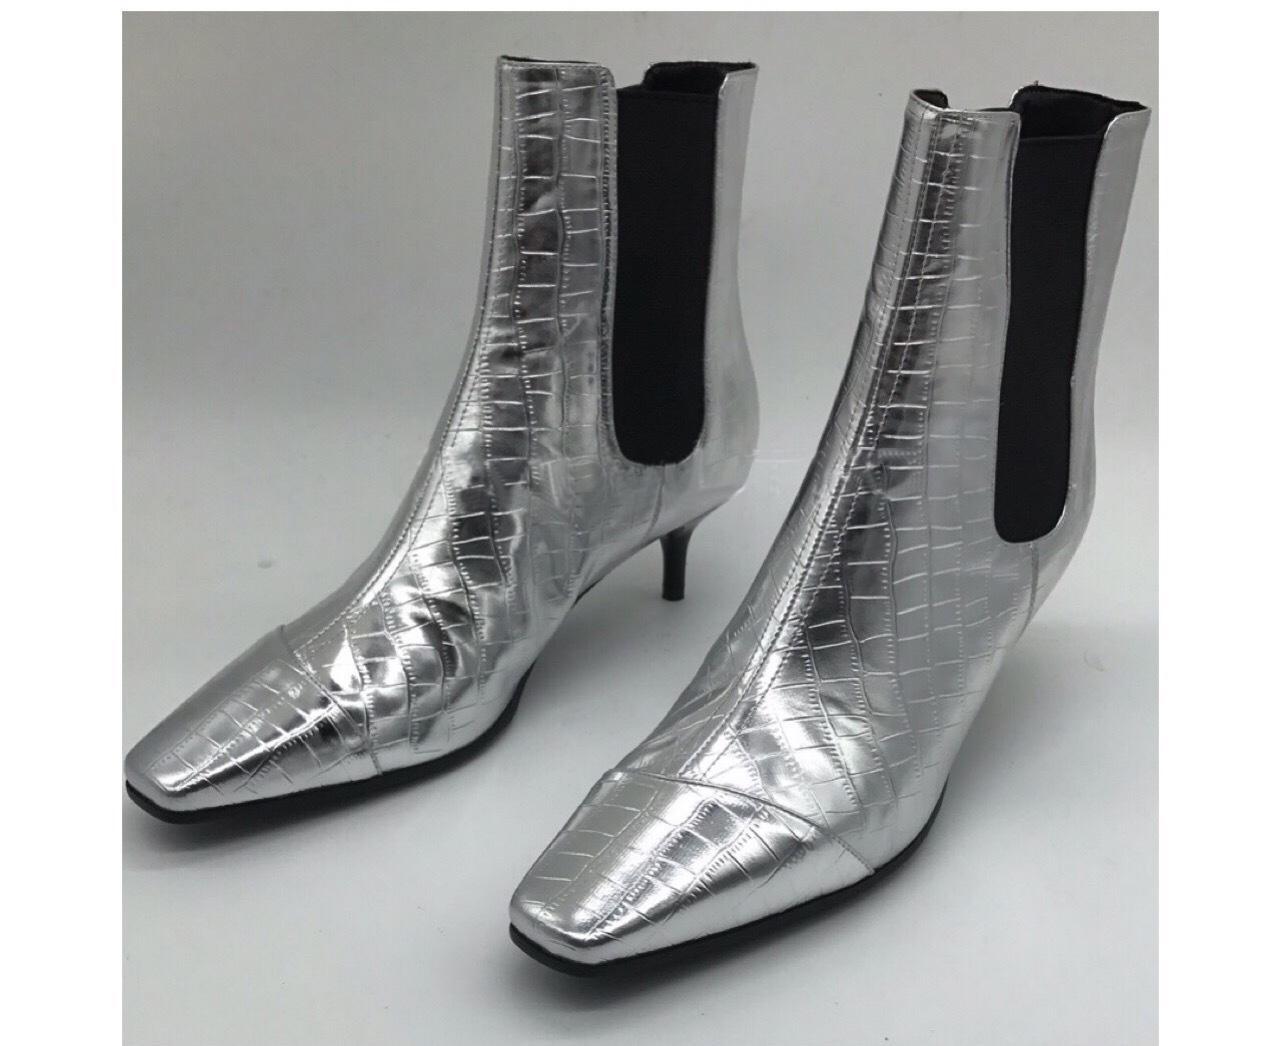 2019 новые лакированные кожаные короткие сапоги серебристо-синий на высоком каблуке высокого качества квадратный носок взлетно-посадочной полосы стиль ботильоны для женской обуви